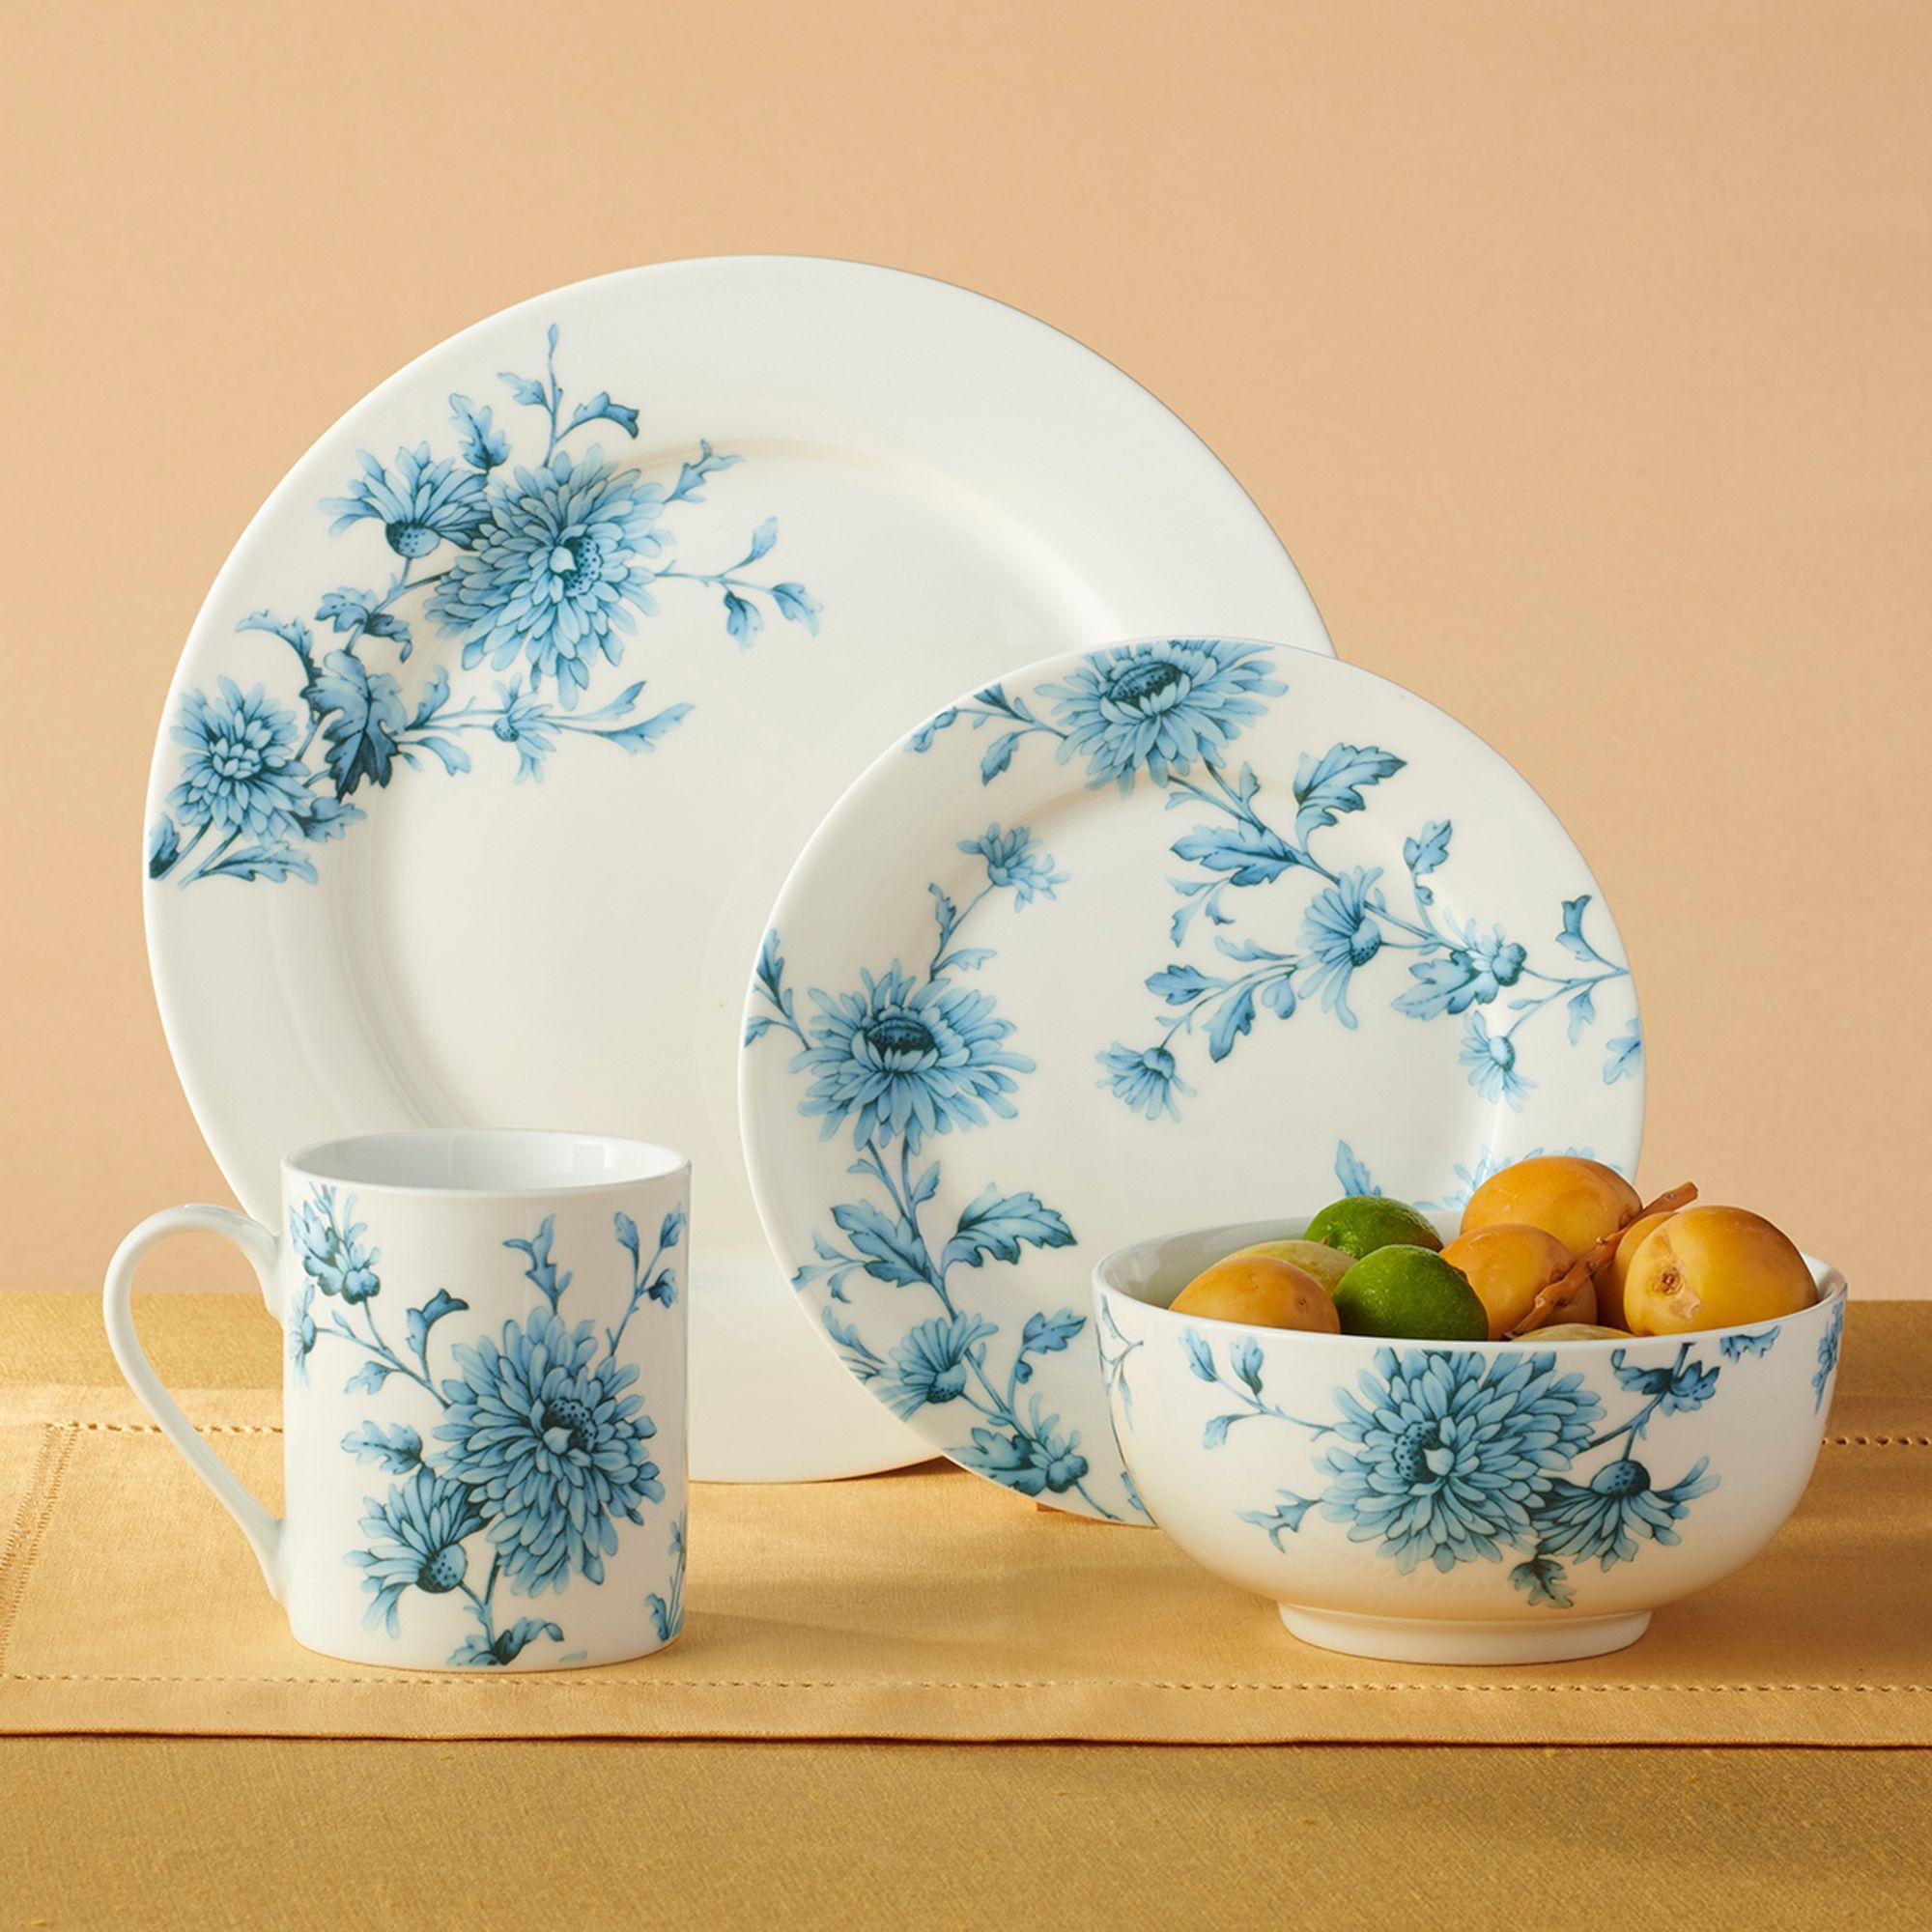 Spode u0026quot;Vintage Denimu0026quot; Porcelain Dinnerware  default & Spode